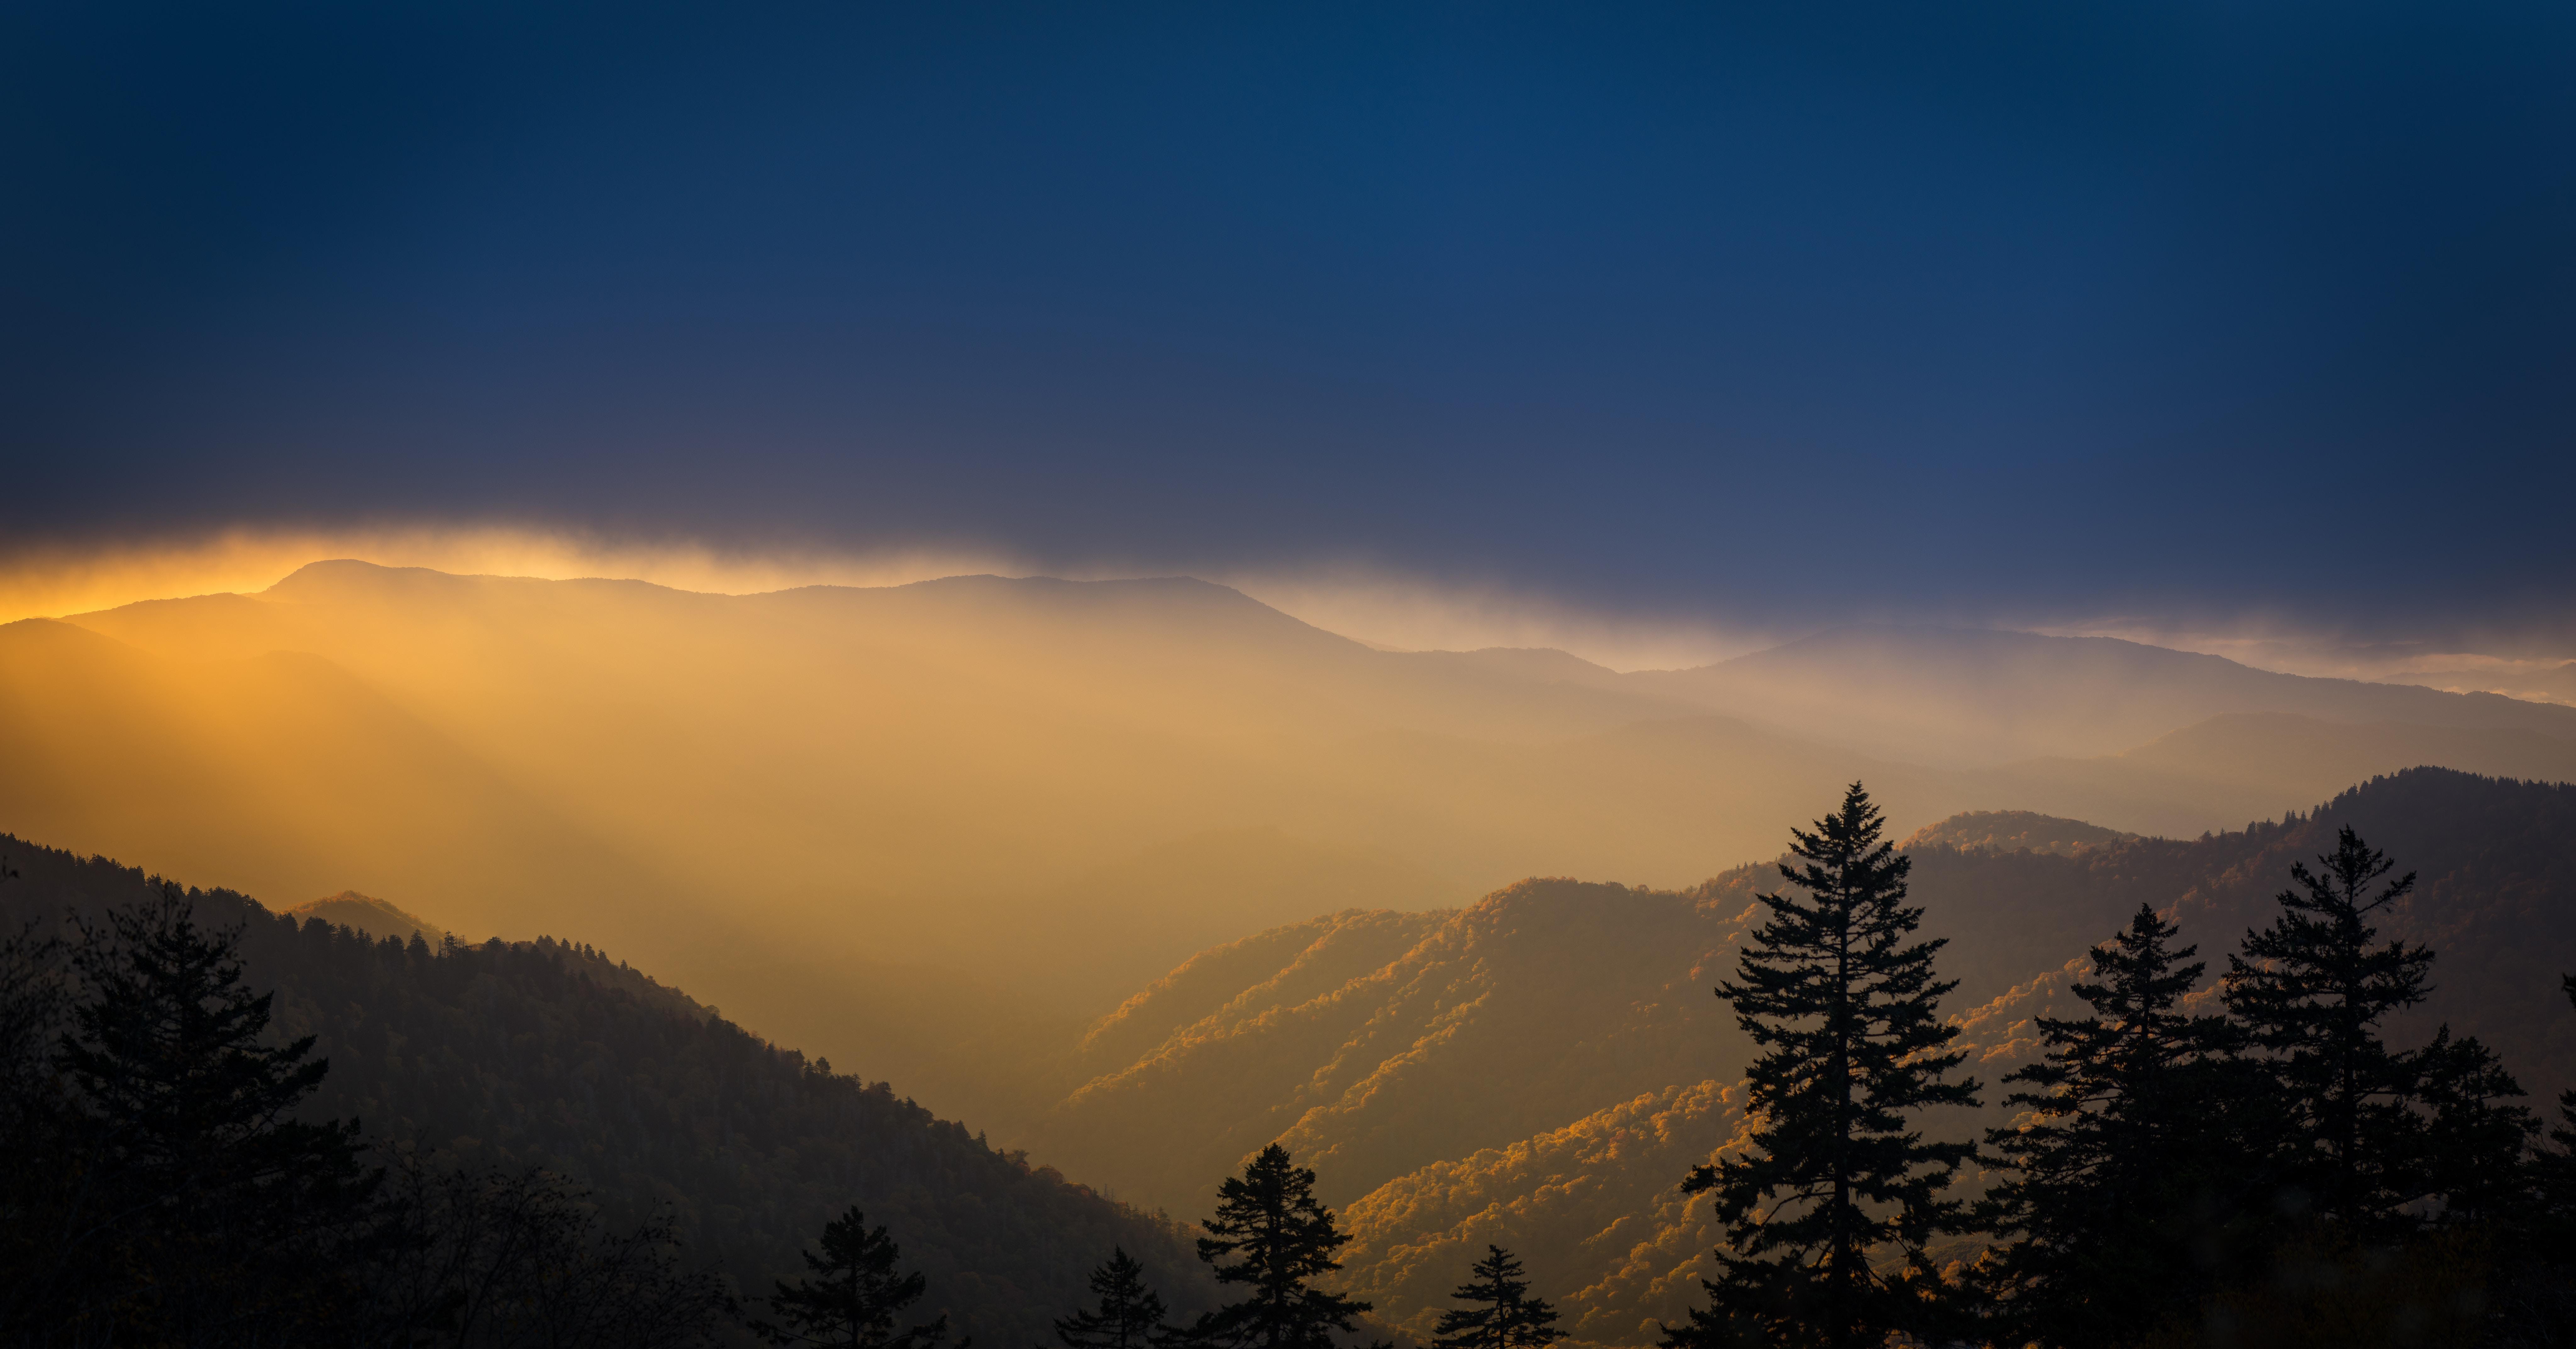 121457 скачать обои Облака, Природа, Деревья, Горы, Туман, Вершины - заставки и картинки бесплатно